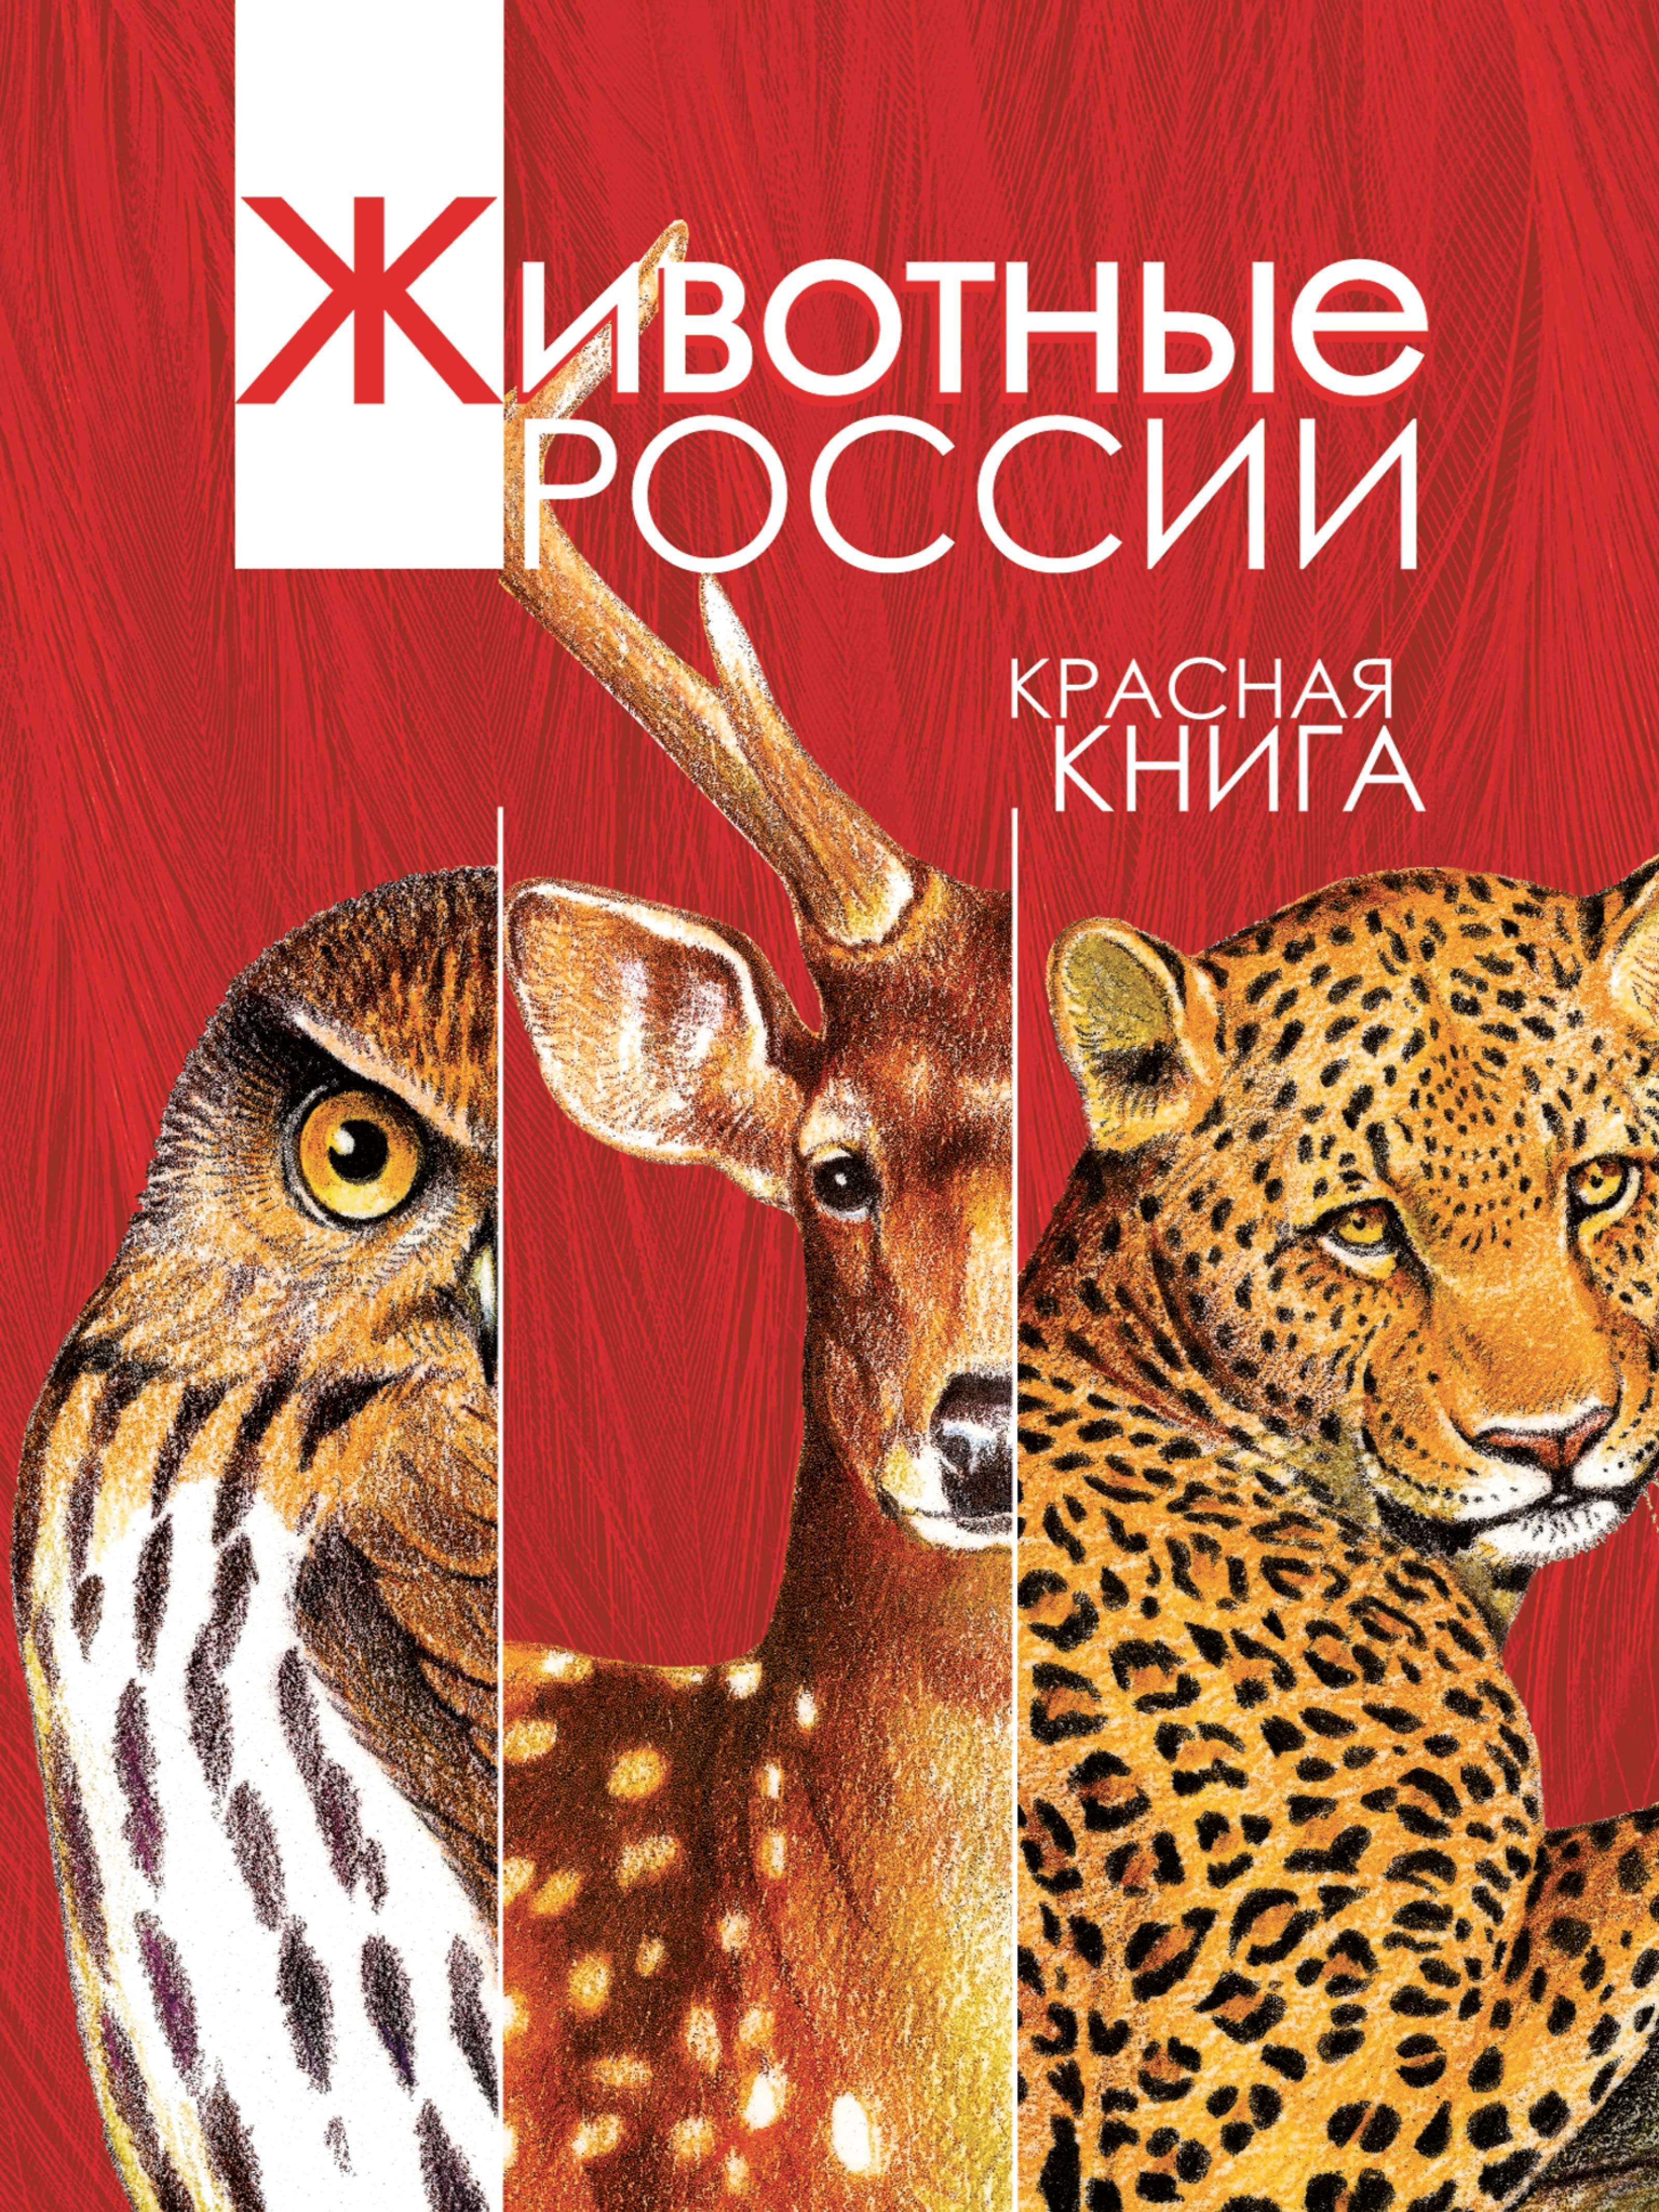 Картинки с надписью животные красной книги, вячеславу днем открытки